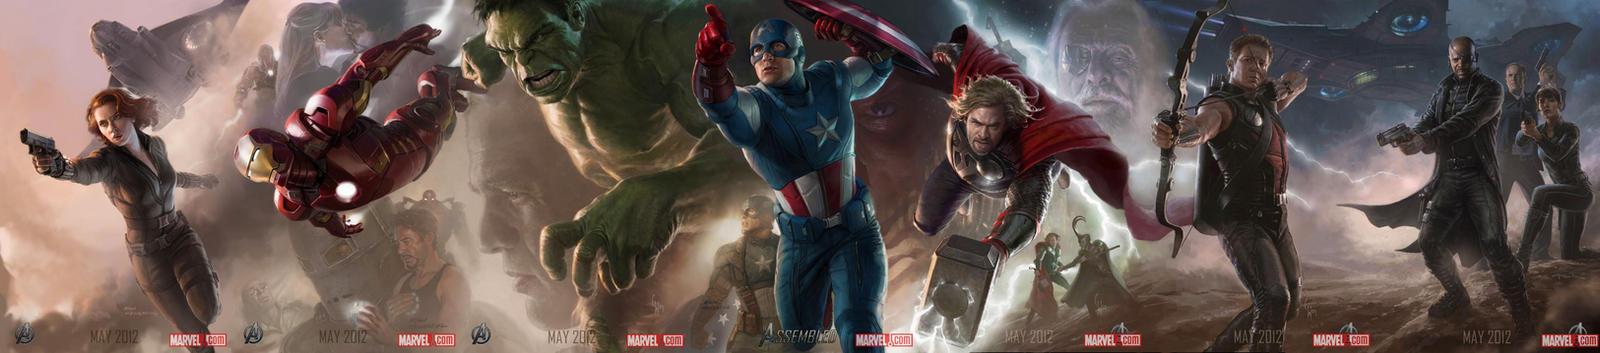 Avengers by zeebow14